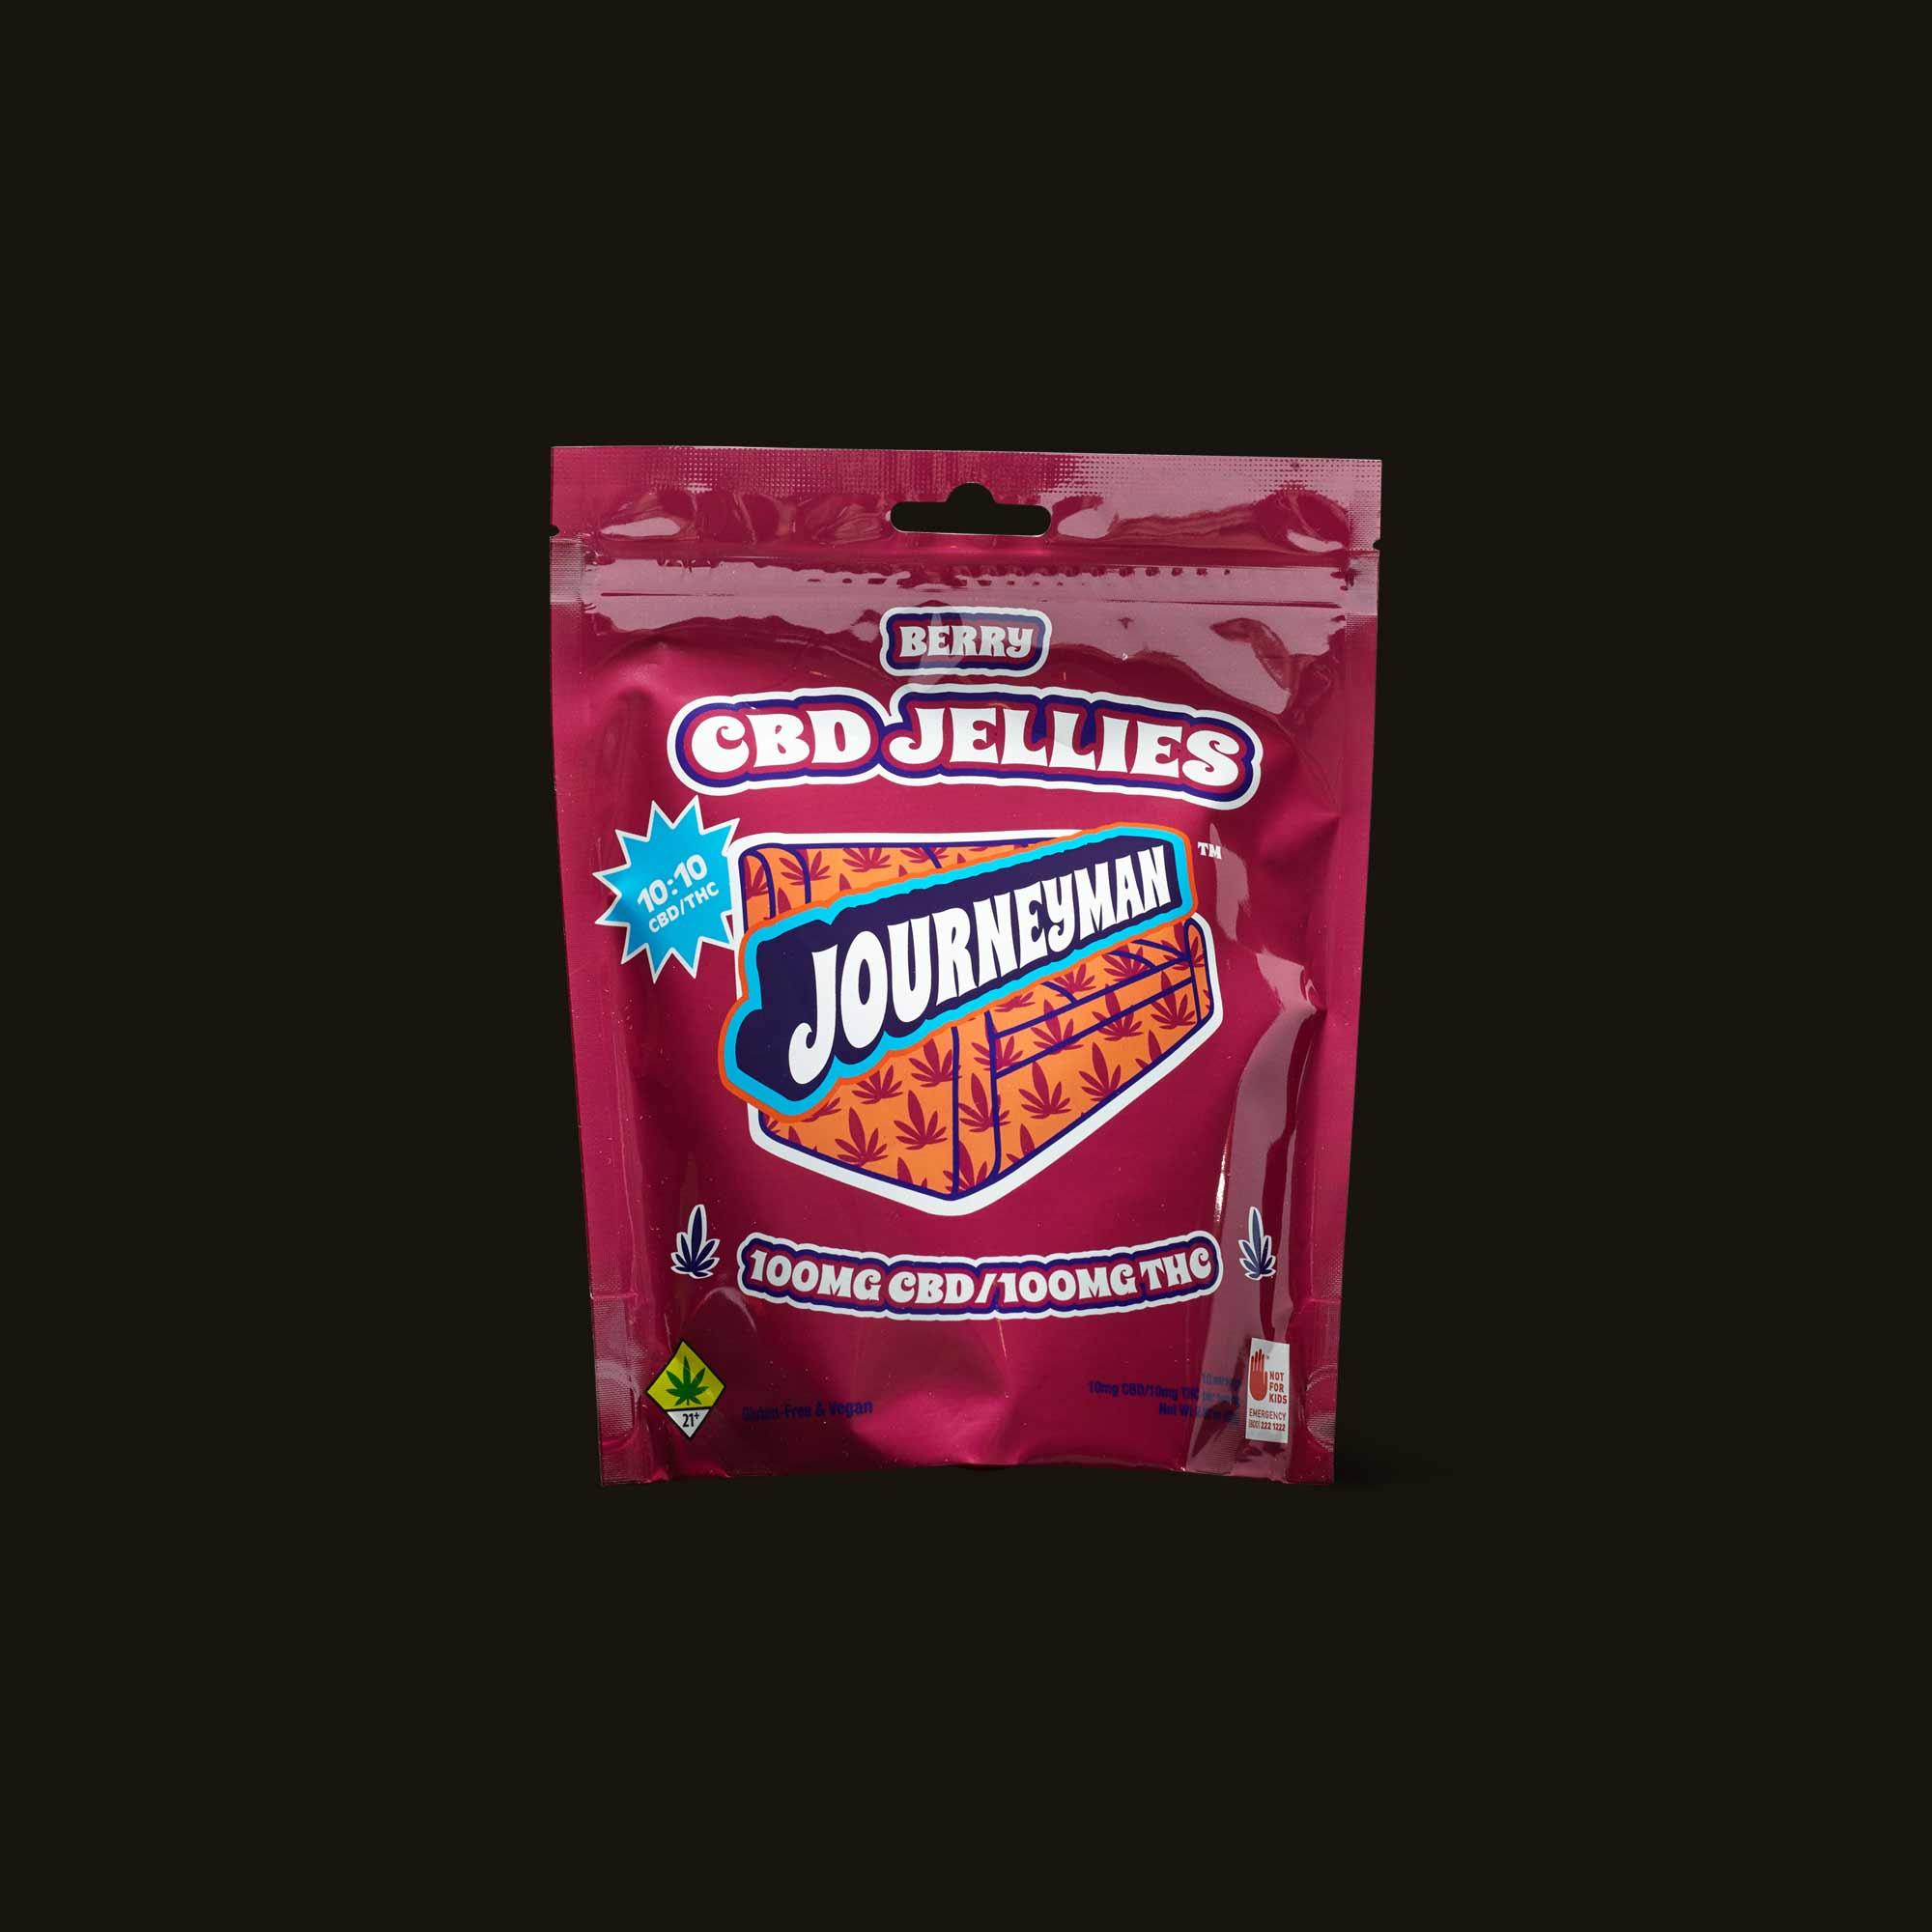 Journeyman Berry 1:1 CBD Jellies